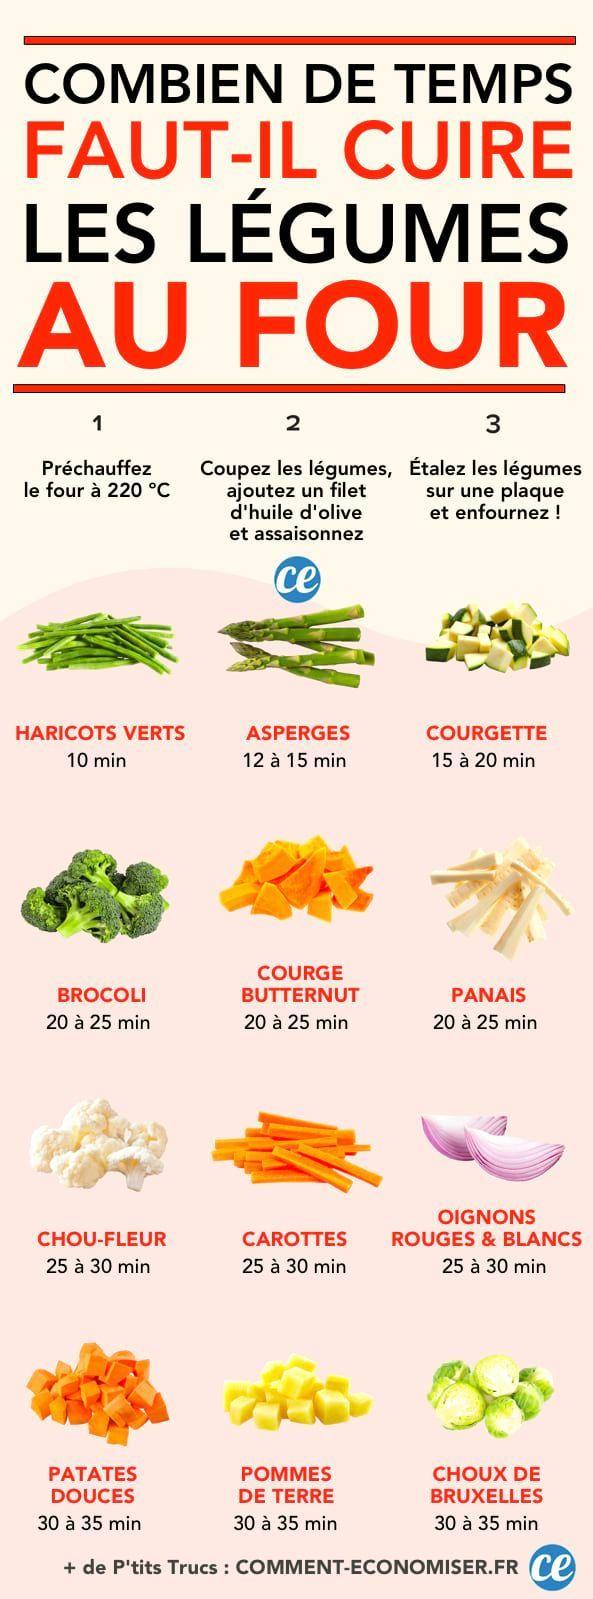 Le guide des temps de cuisson des légumes au four pour réussir vos recettes